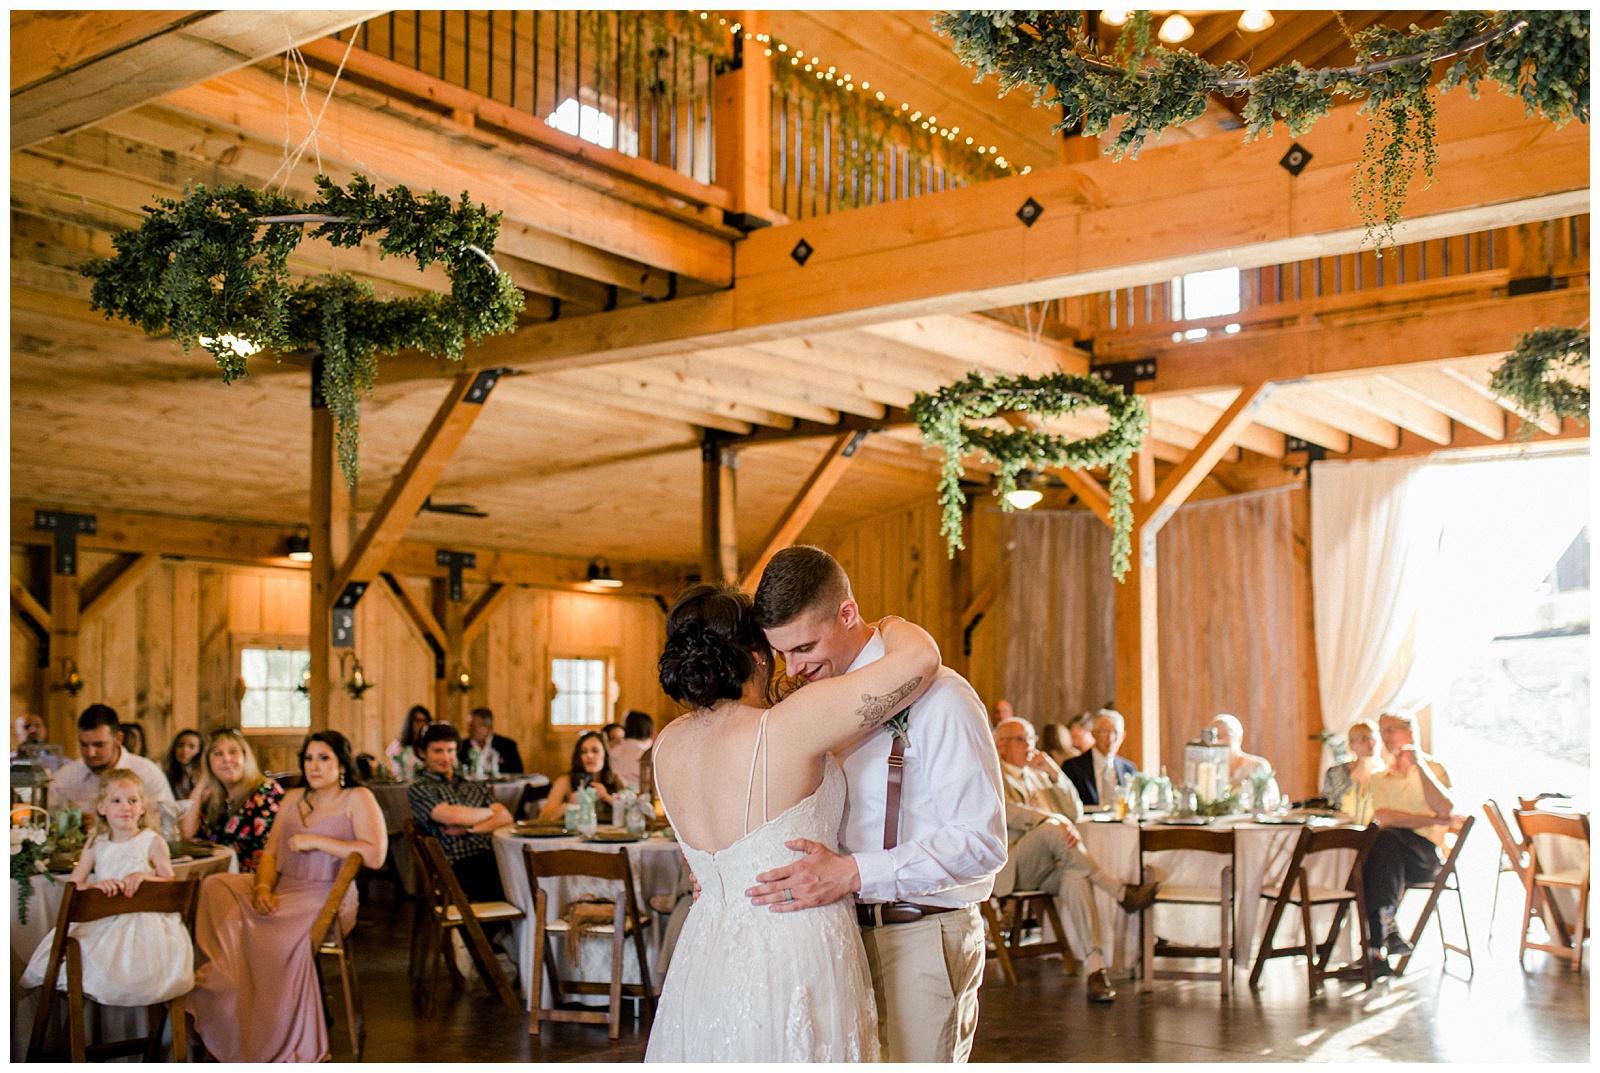 Lewis-Kara-Blakeman-Photography-Huntington-West-Virginia-Wedding-Barn-Olde-Homestead-48